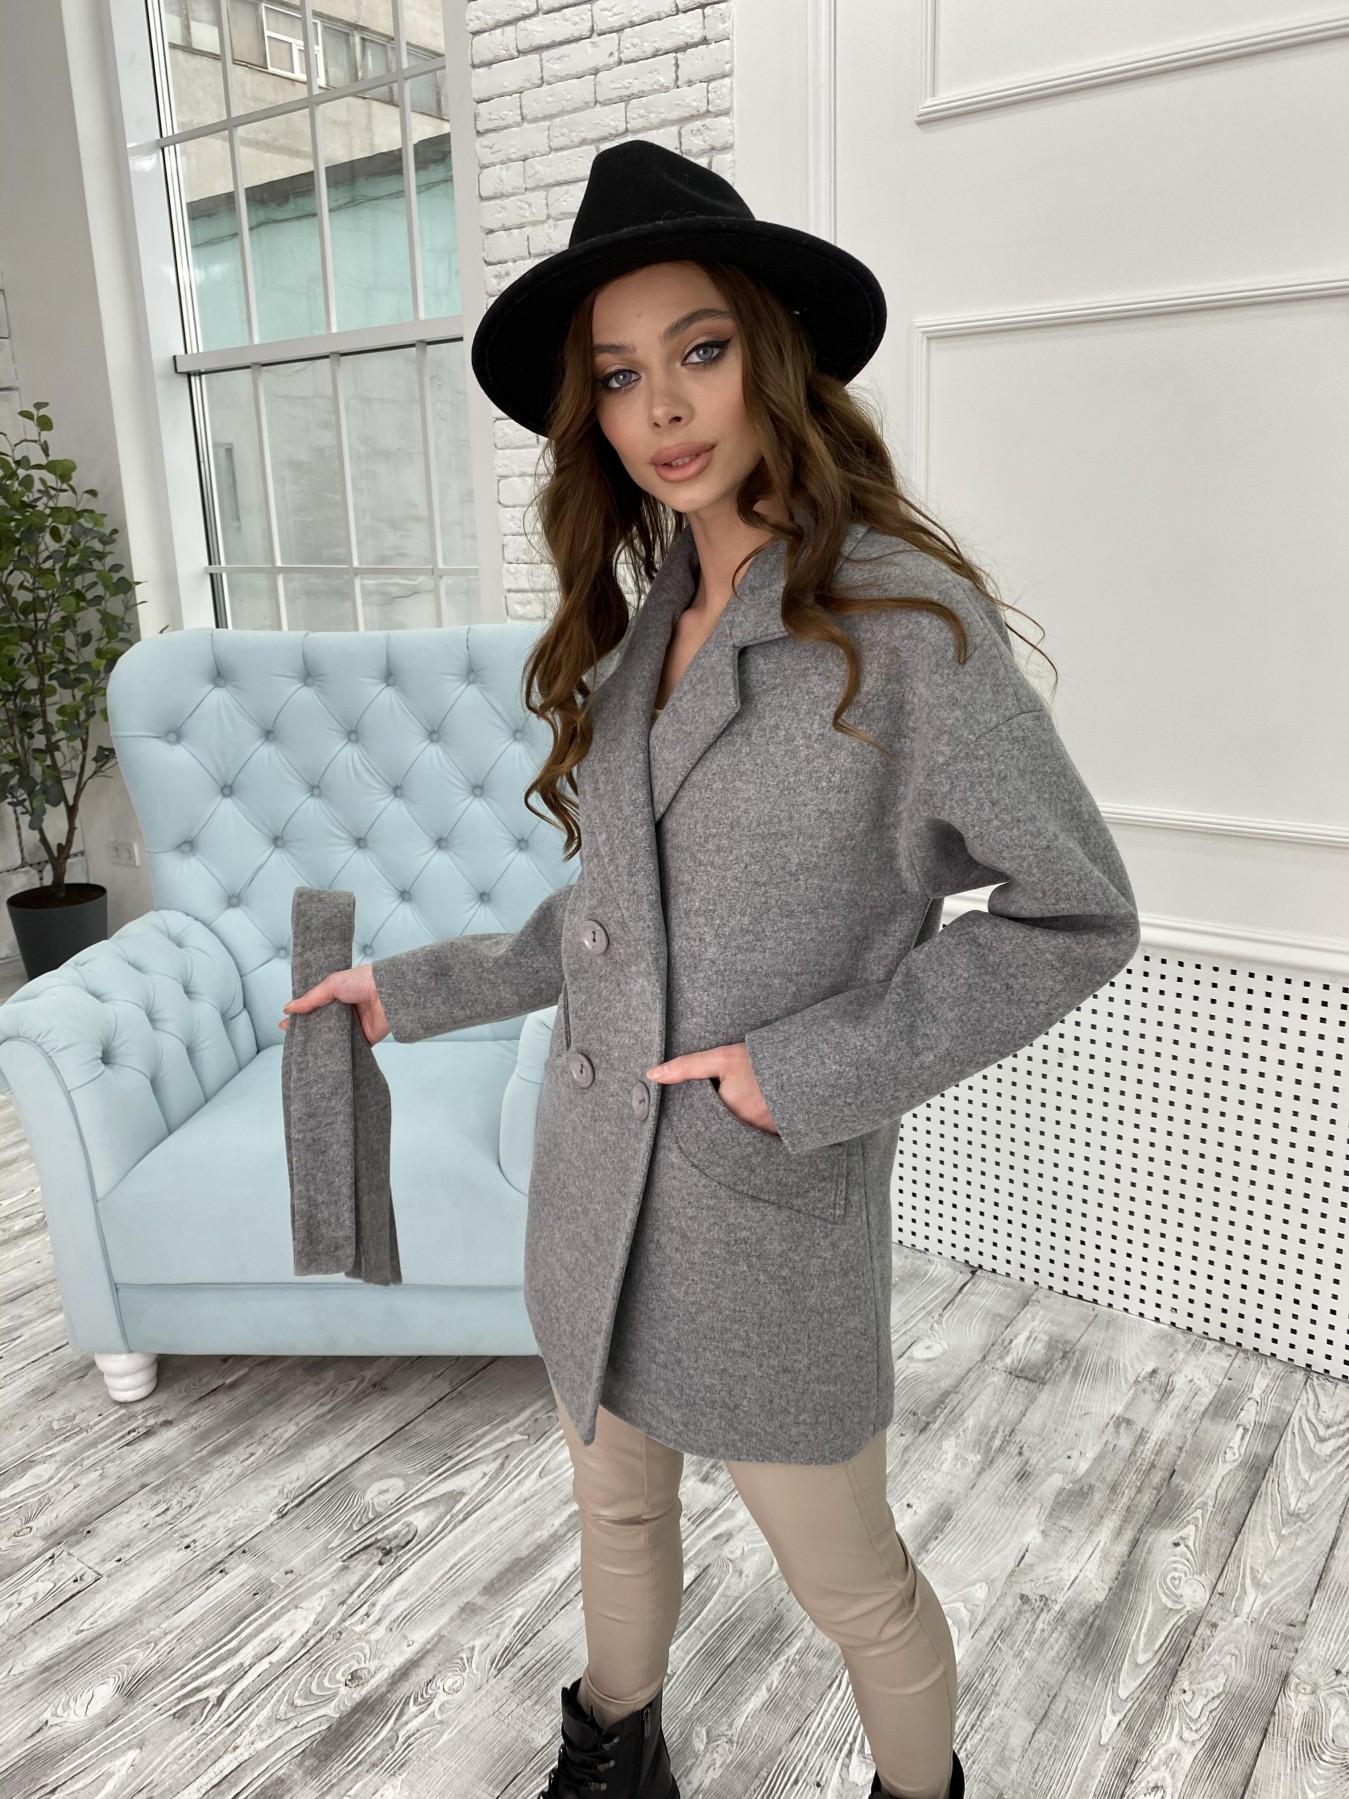 Бонд пальто  кашемировое меланж на трикотаже  10644 АРТ. 47176 Цвет: Серый 1 - фото 1, интернет магазин tm-modus.ru